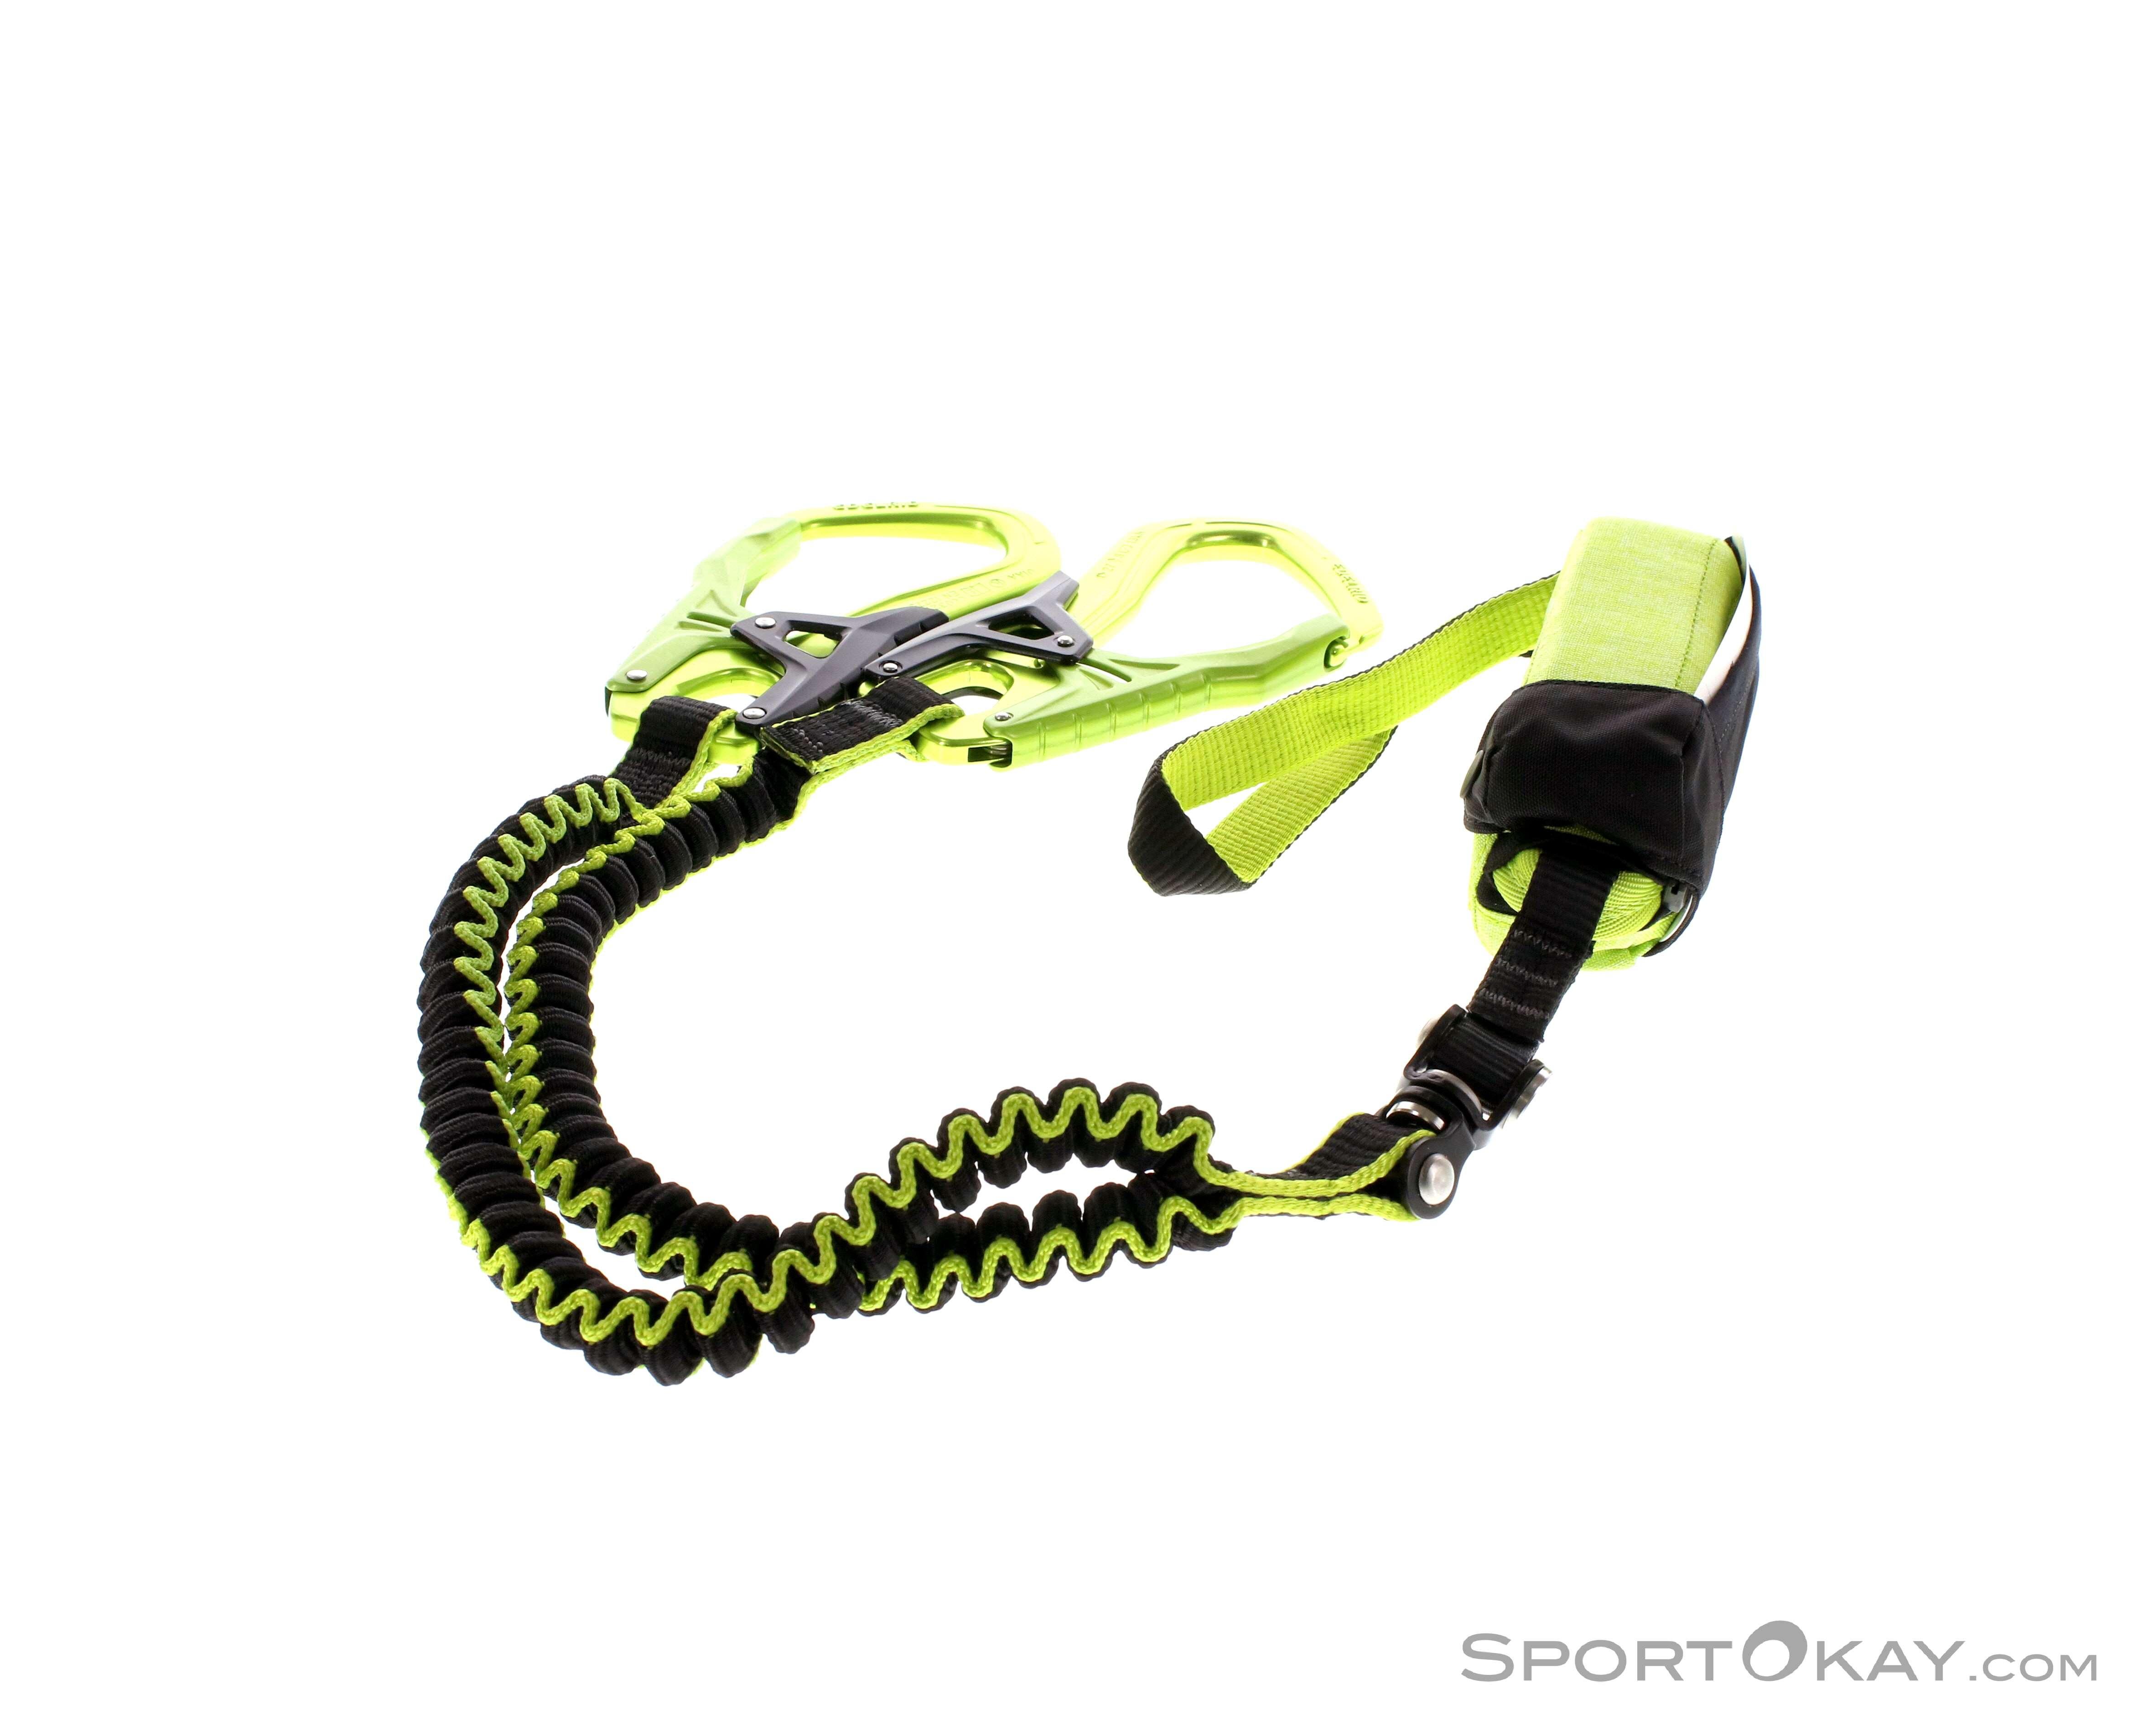 Klettersteigset Edelrid : Edelrid cable comfort klettersteigset